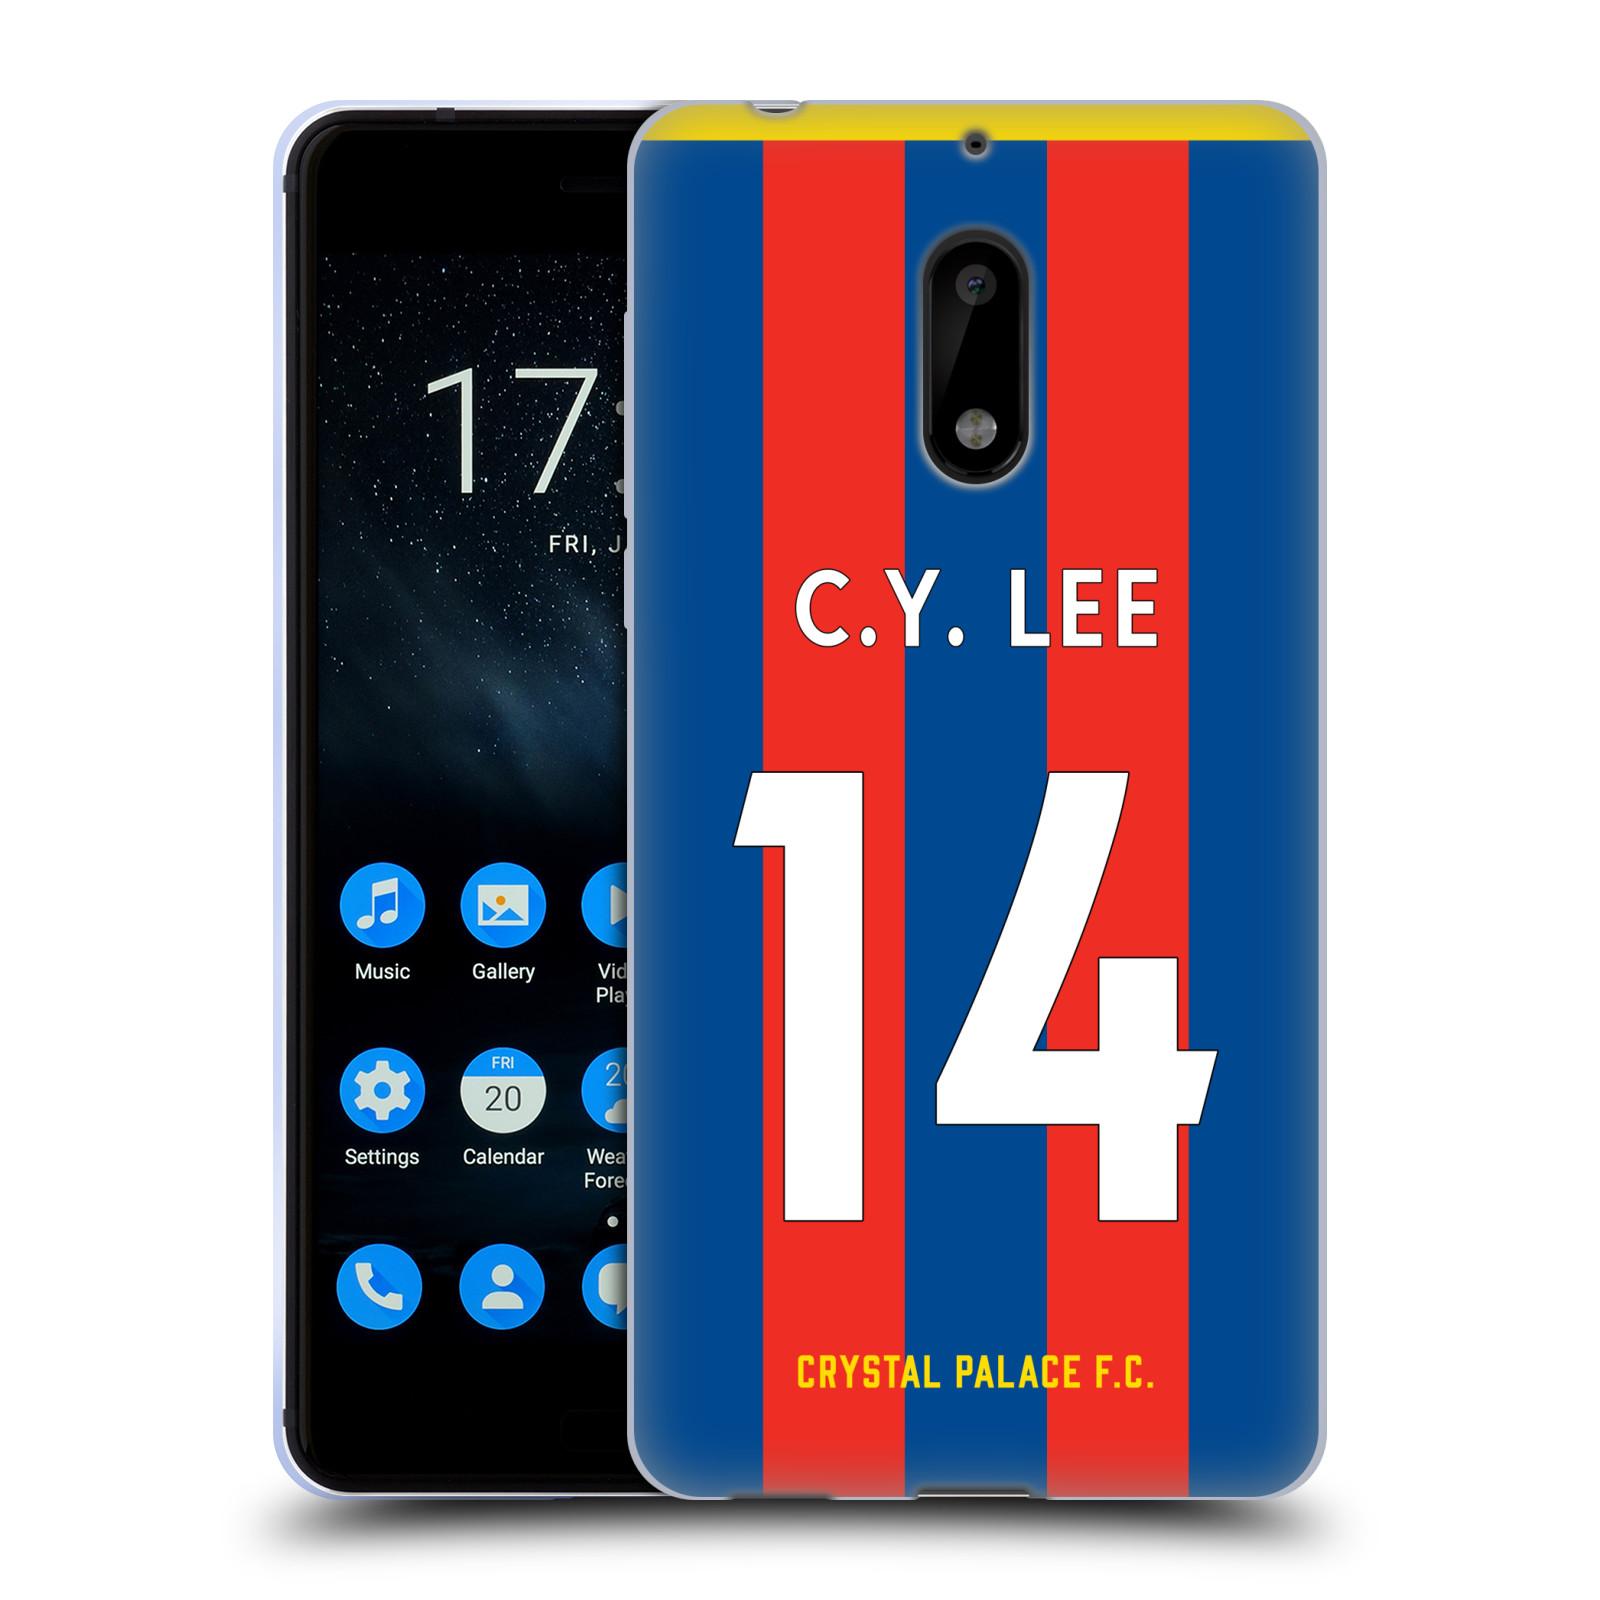 Oficial-Crystal-Palace-FC-2017-18-Home-Kit-1-caso-De-Gel-Suave-Para-Telefonos-NOKIA-1